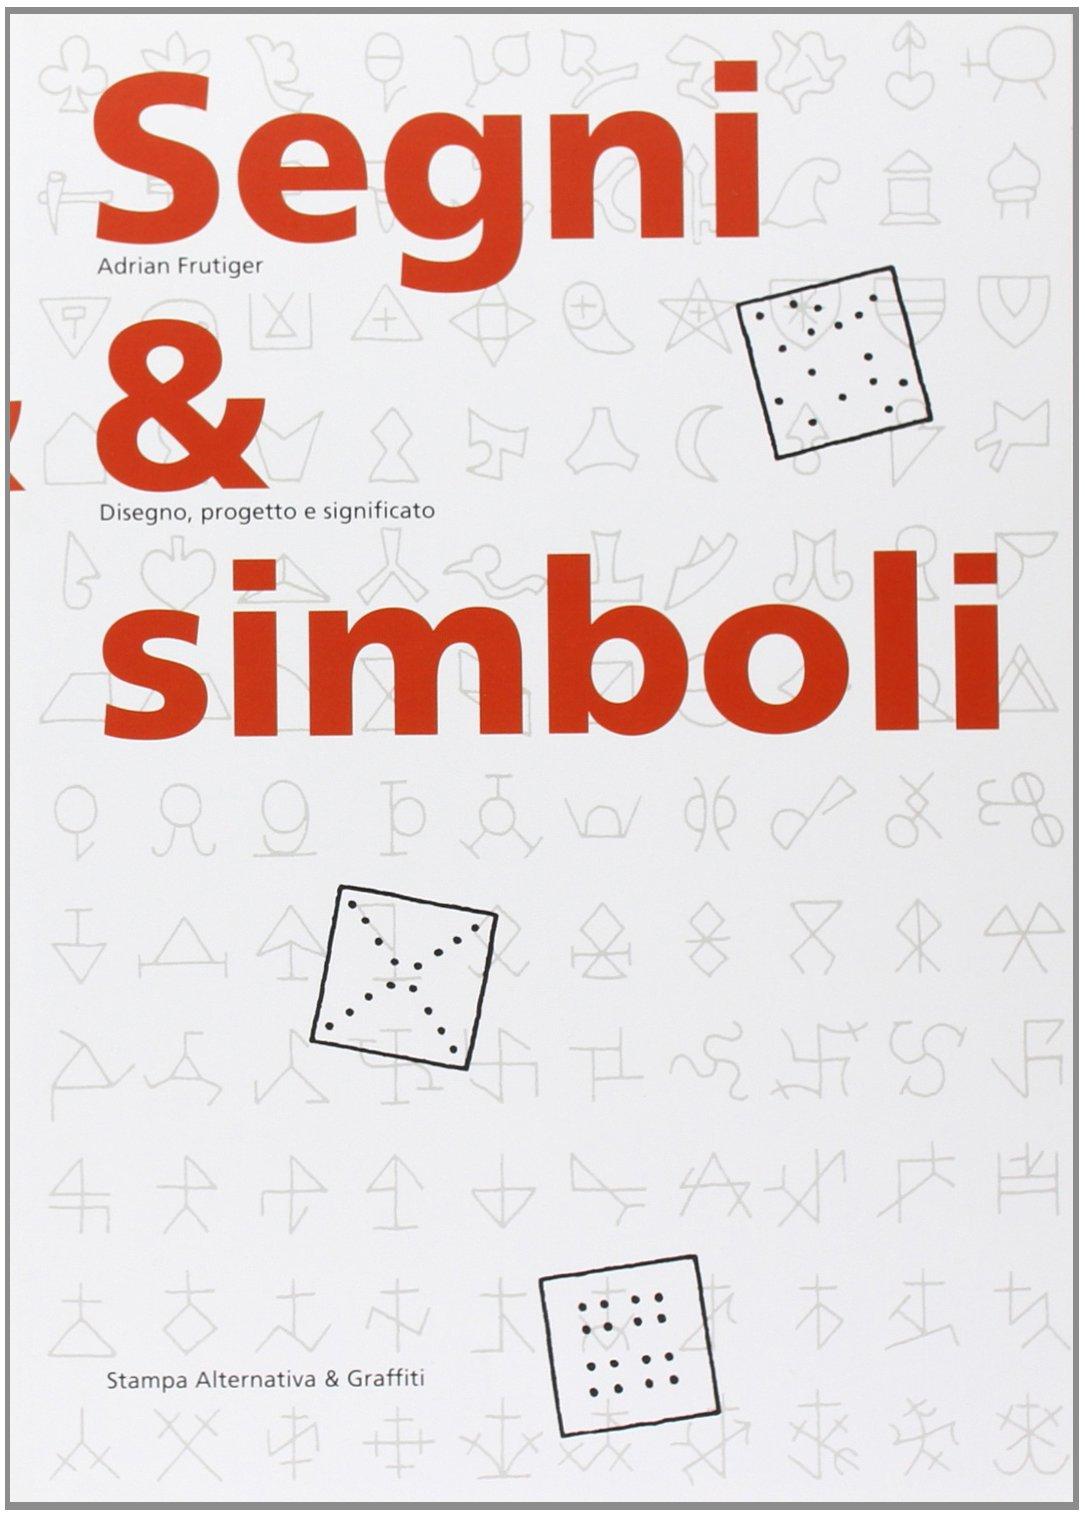 Segni & simboli. Disegno, progetto e significato Copertina flessibile – 1 mag 1996 Adrian Frutiger G. Lussu D. Turchi S. Magrini